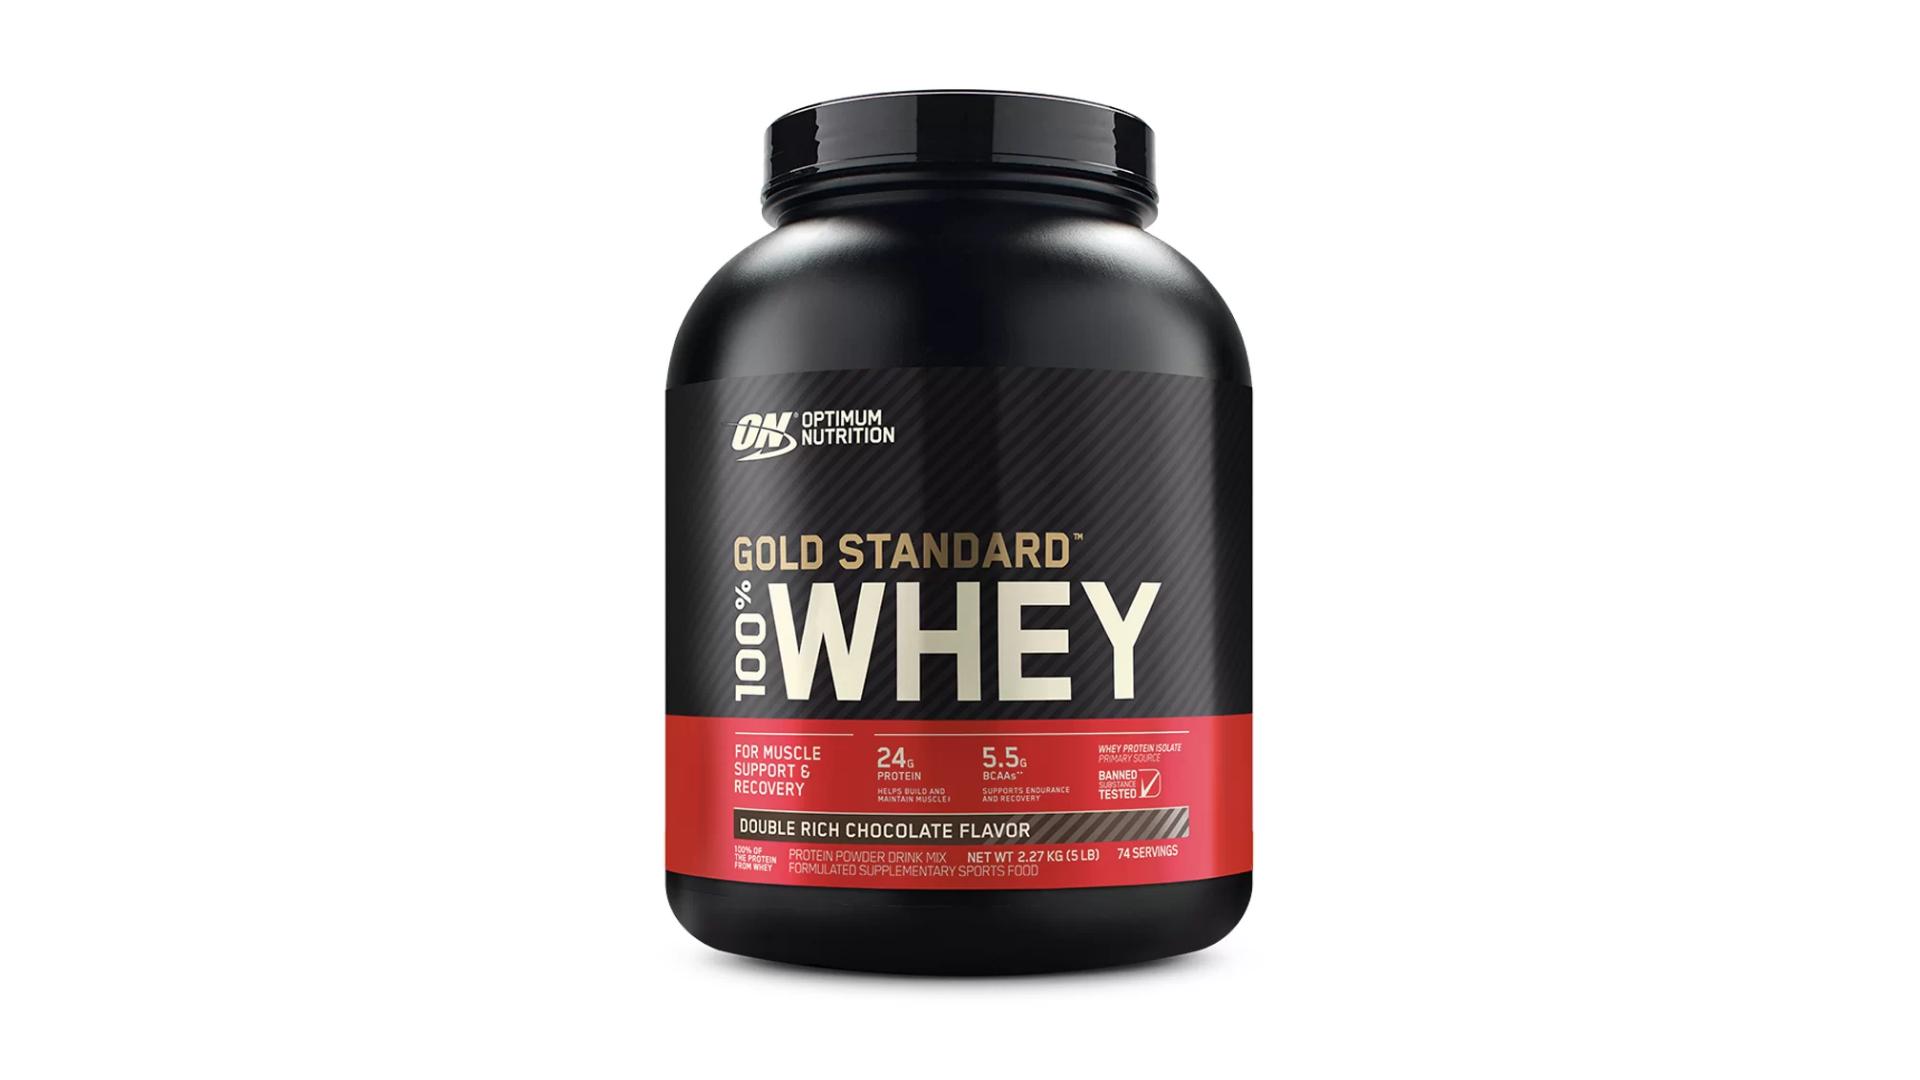 Whey Protein Optimum Nutrition (Imagem: Divulgação/Optimum Nutrition)